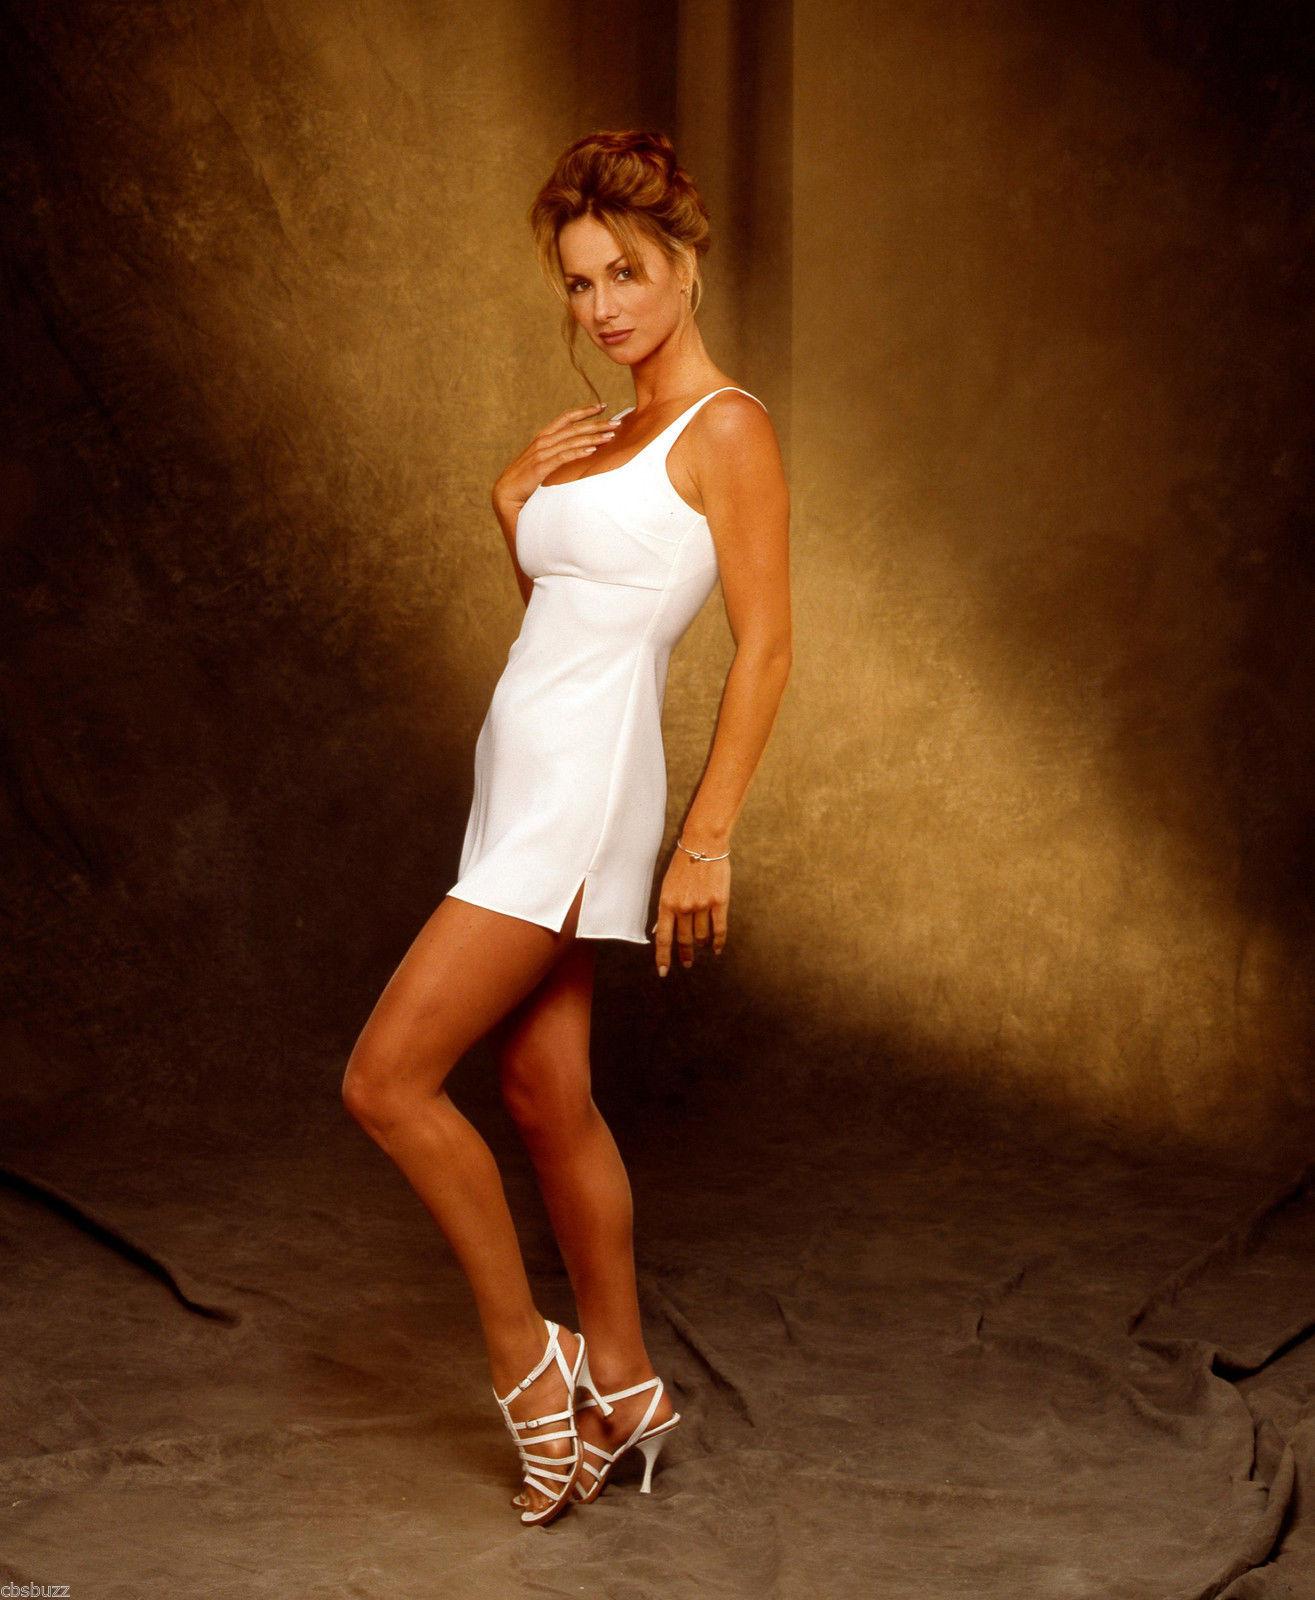 Heidi Keppert From Home: Image - Debbe-Dunning-Feet-2149006.jpg